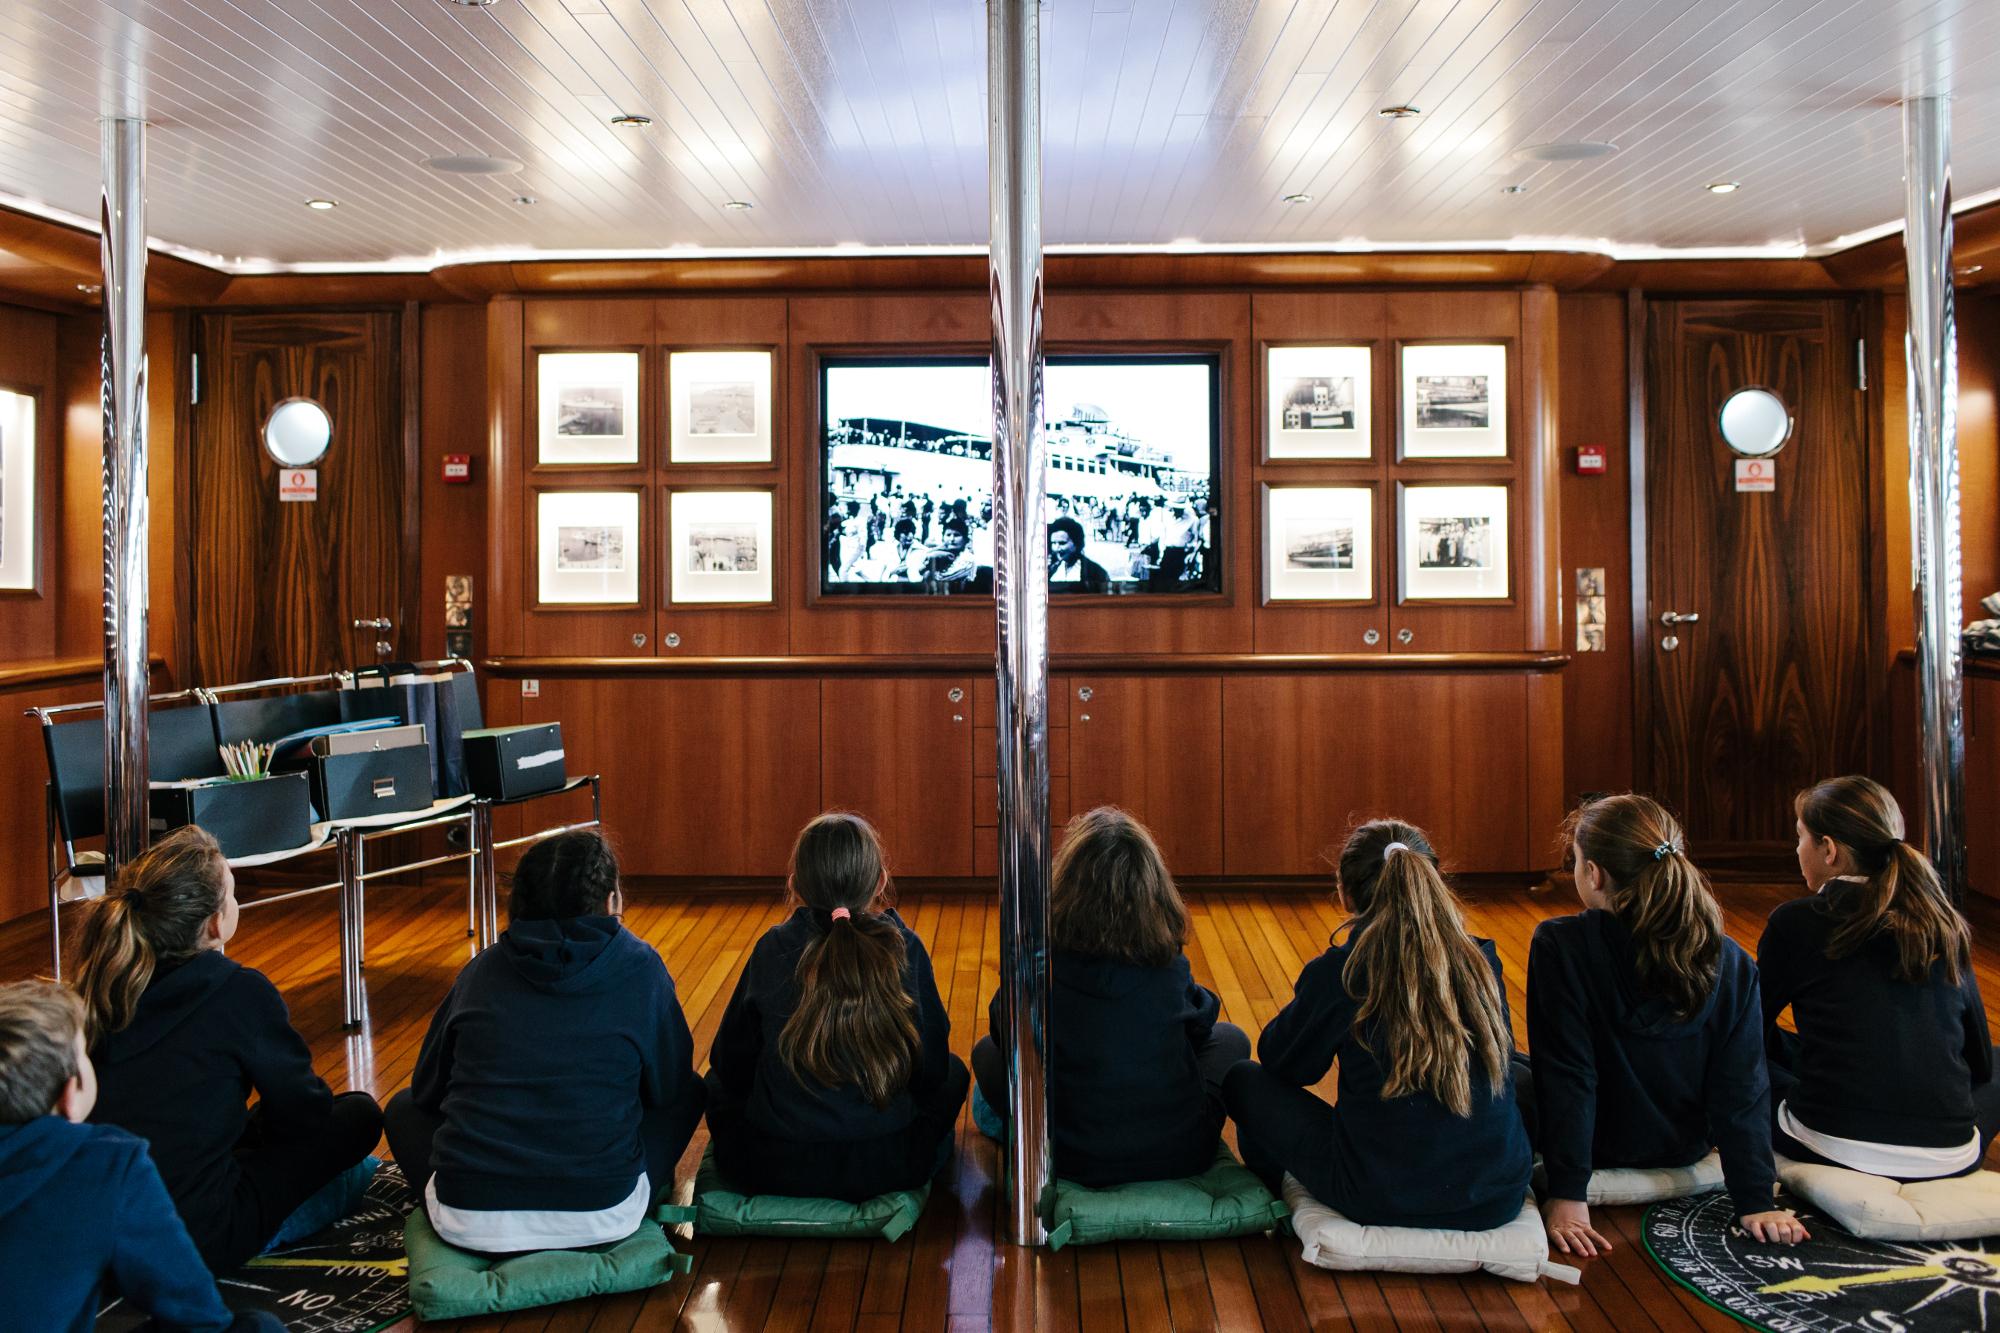 Μαθητές δημοτικού σχολείου κατά τη διάρκεια εκπαιδευτικού προγράμματος στο Πλωτό Μουσείο Νεράιδα (Φωτο: Π. Ταβιτιάν)